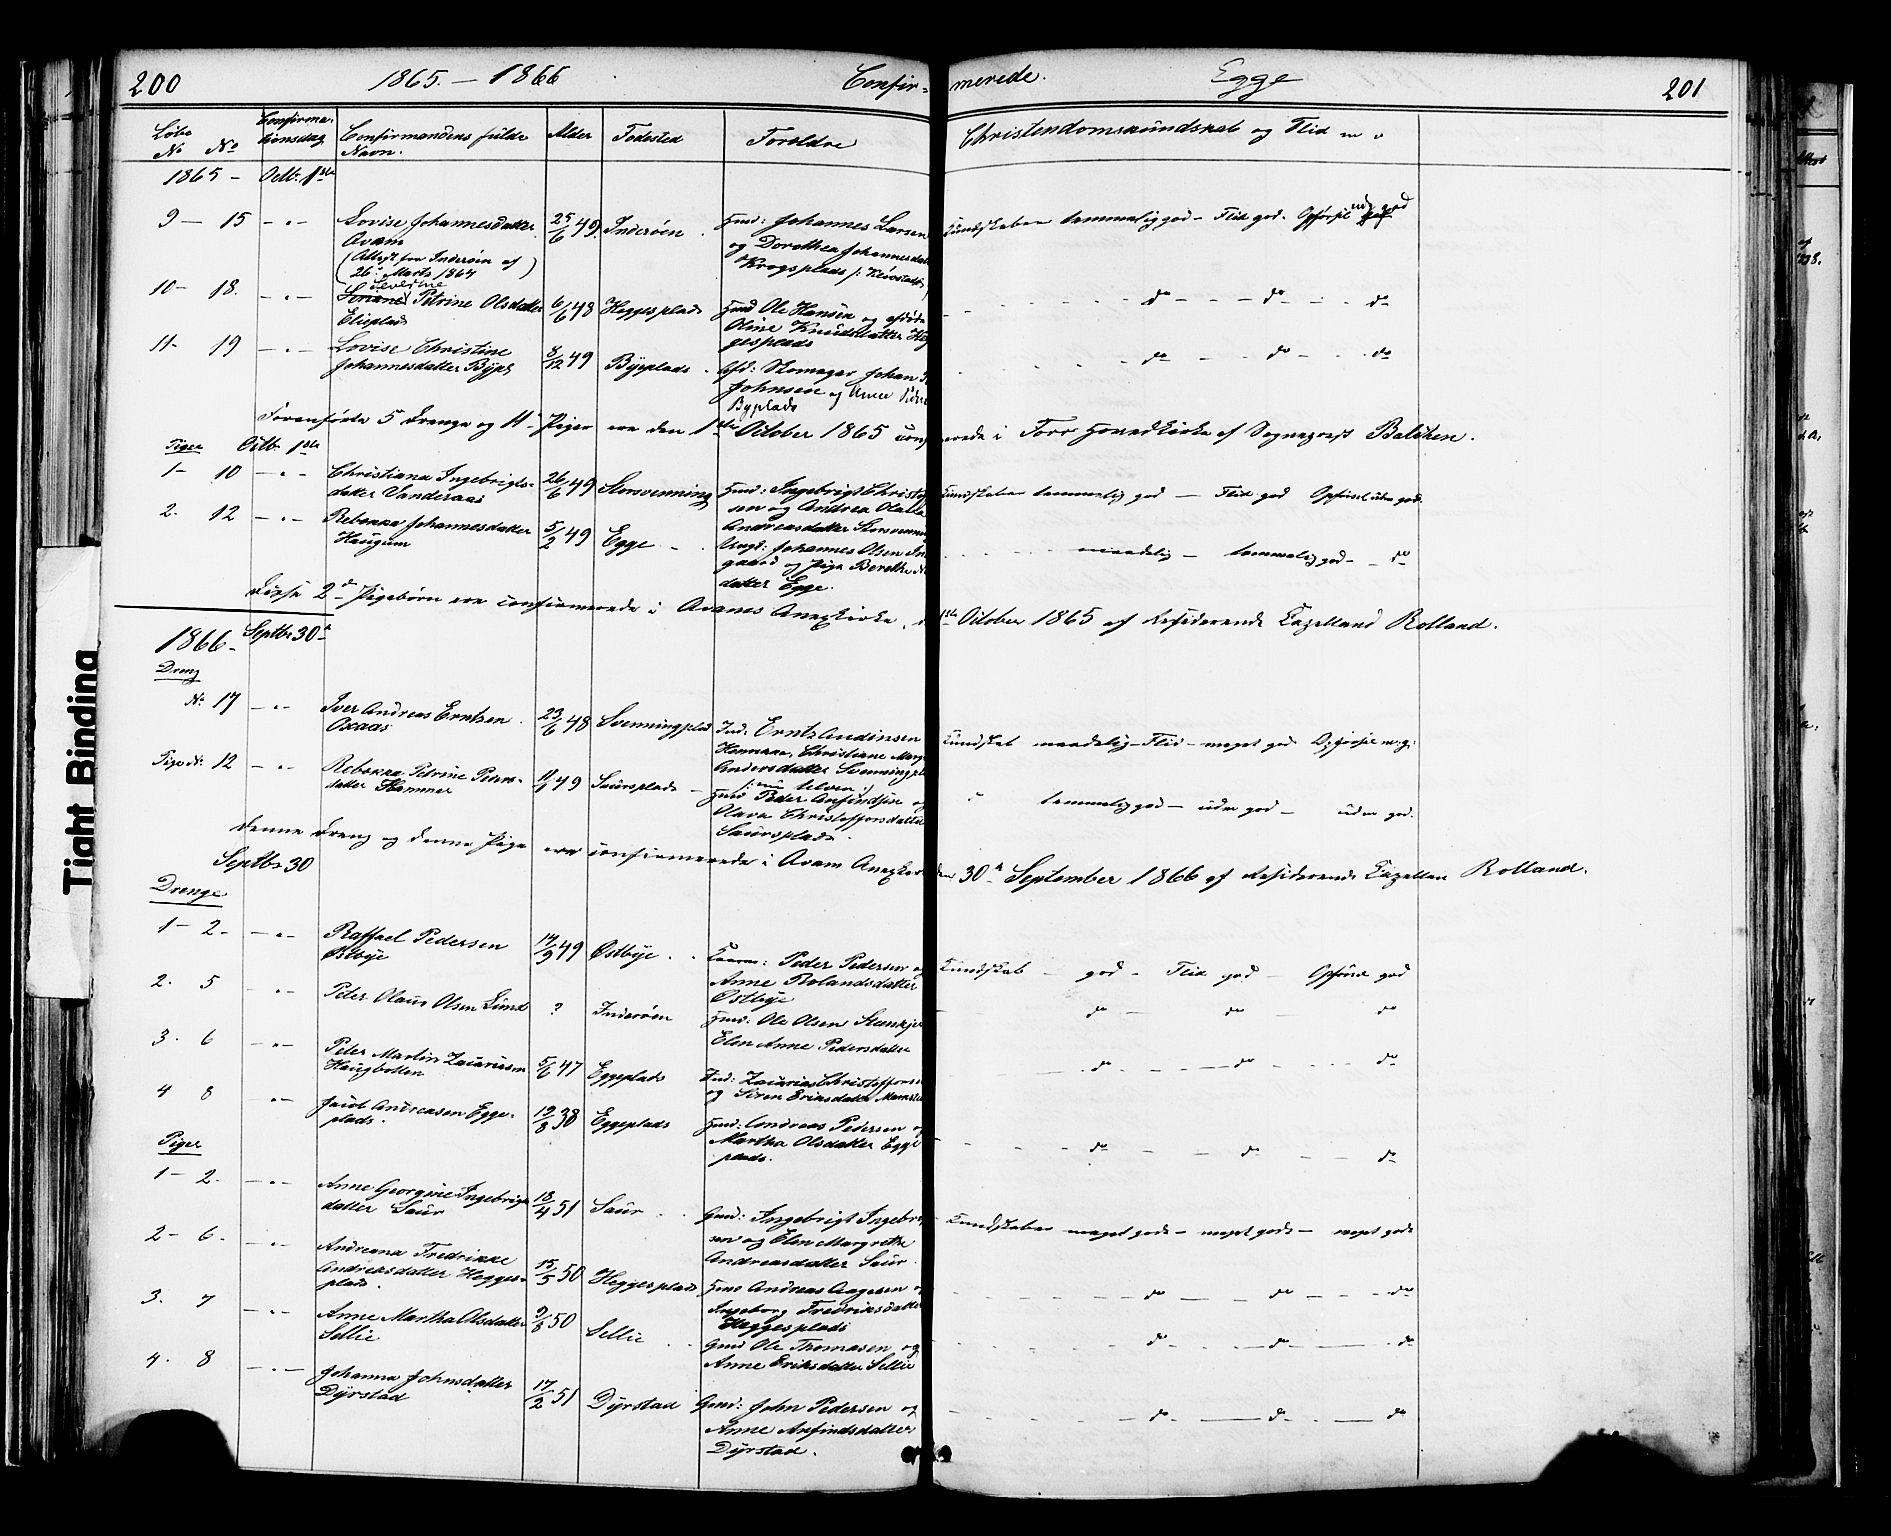 SAT, Ministerialprotokoller, klokkerbøker og fødselsregistre - Nord-Trøndelag, 739/L0367: Ministerialbok nr. 739A01 /3, 1838-1868, s. 200-201